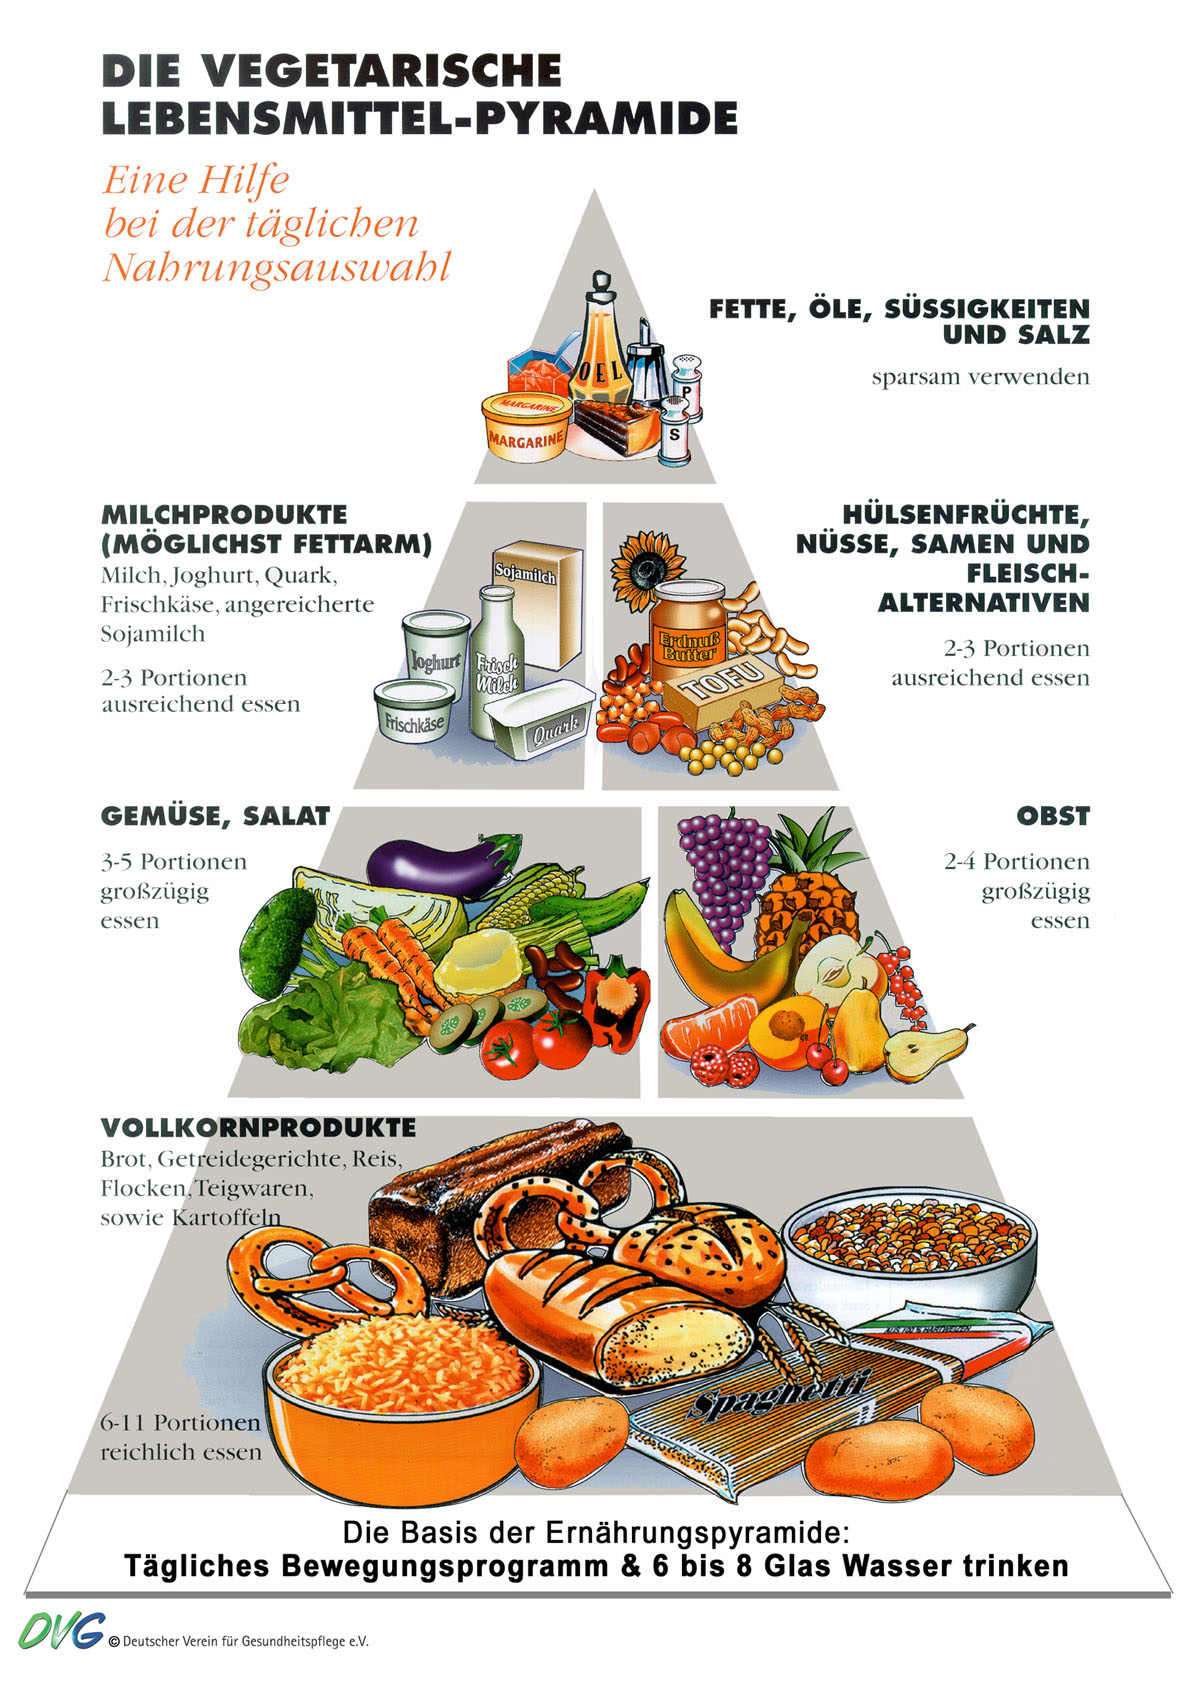 Mediterrane Kuche Ernahrungsplan Mediterrane Kuche Ernahrungsplan